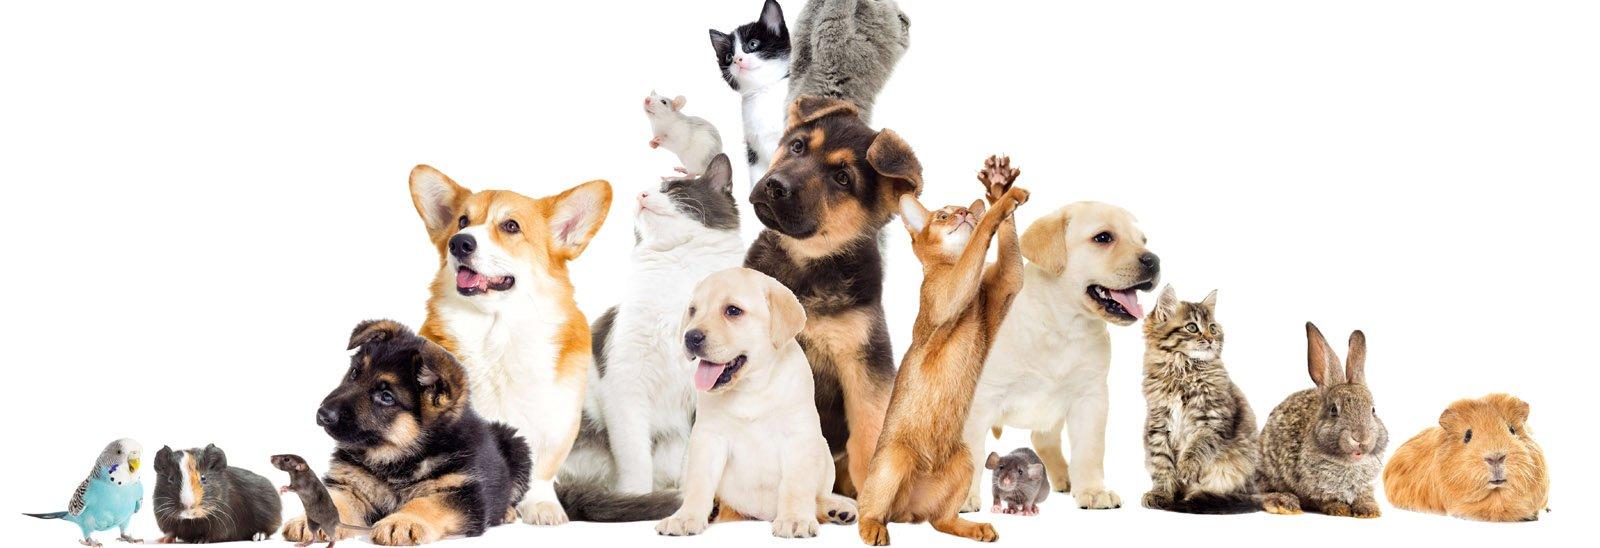 Pet Ethics